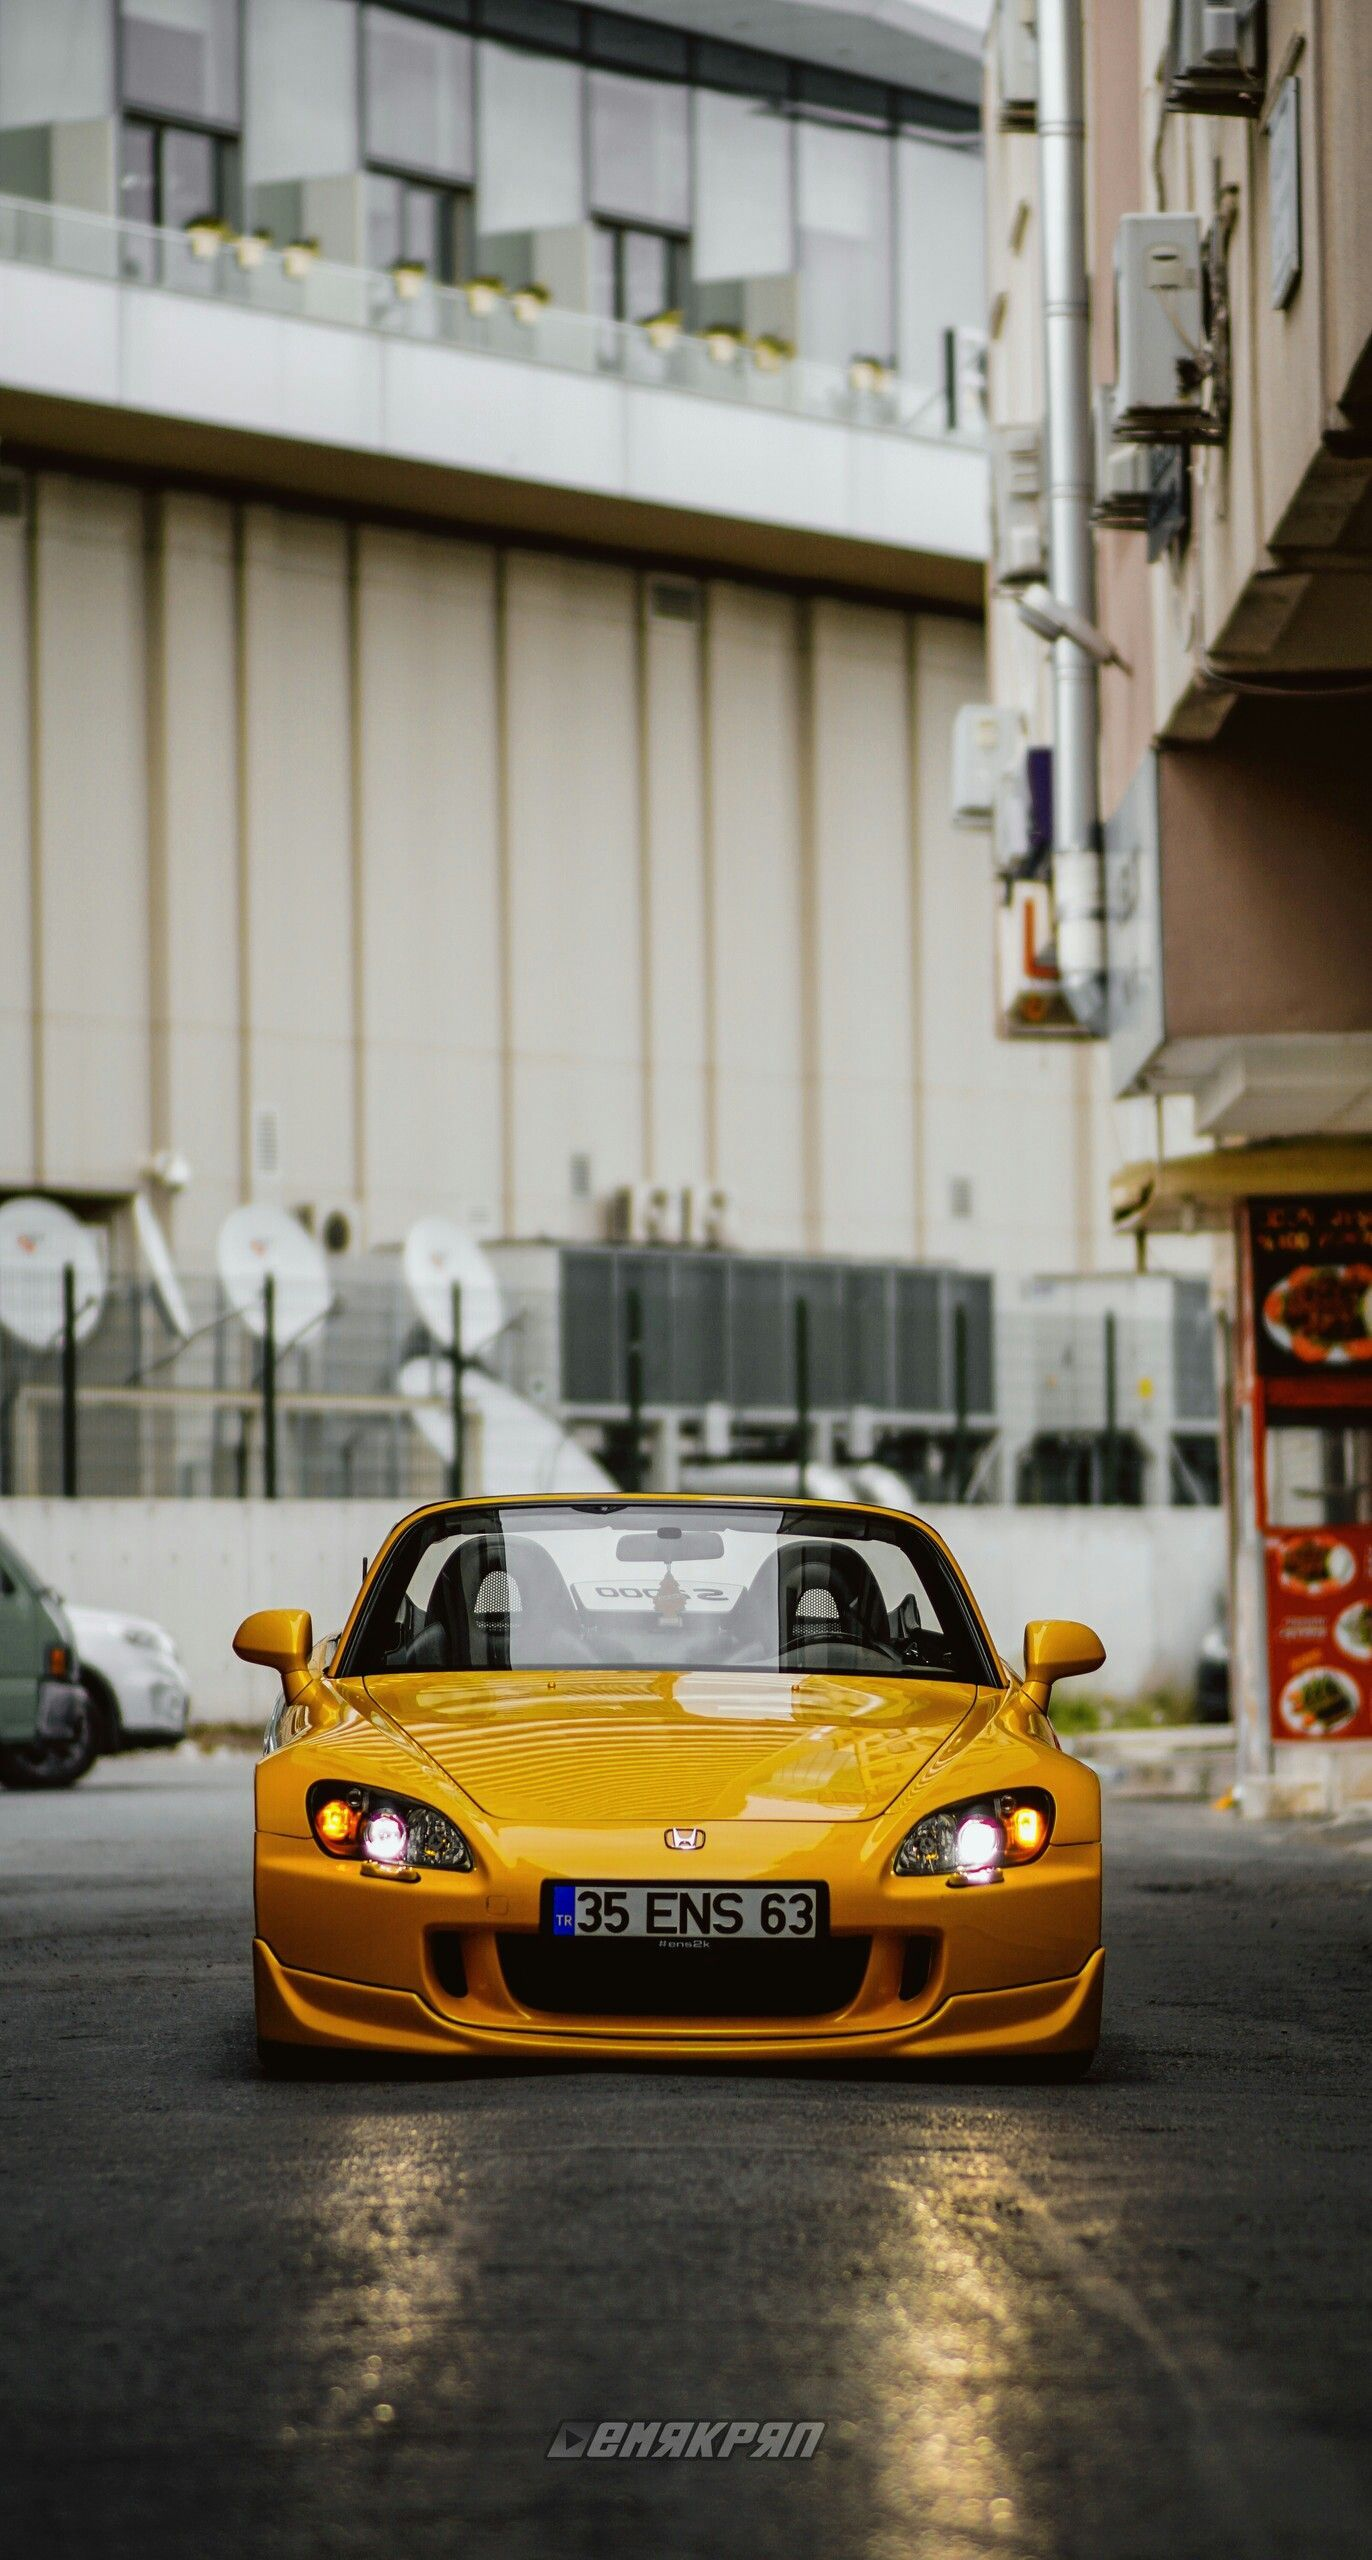 S2000 Wallpaper Tr In 2020 Honda Cars Honda S2000 Honda Sports Car